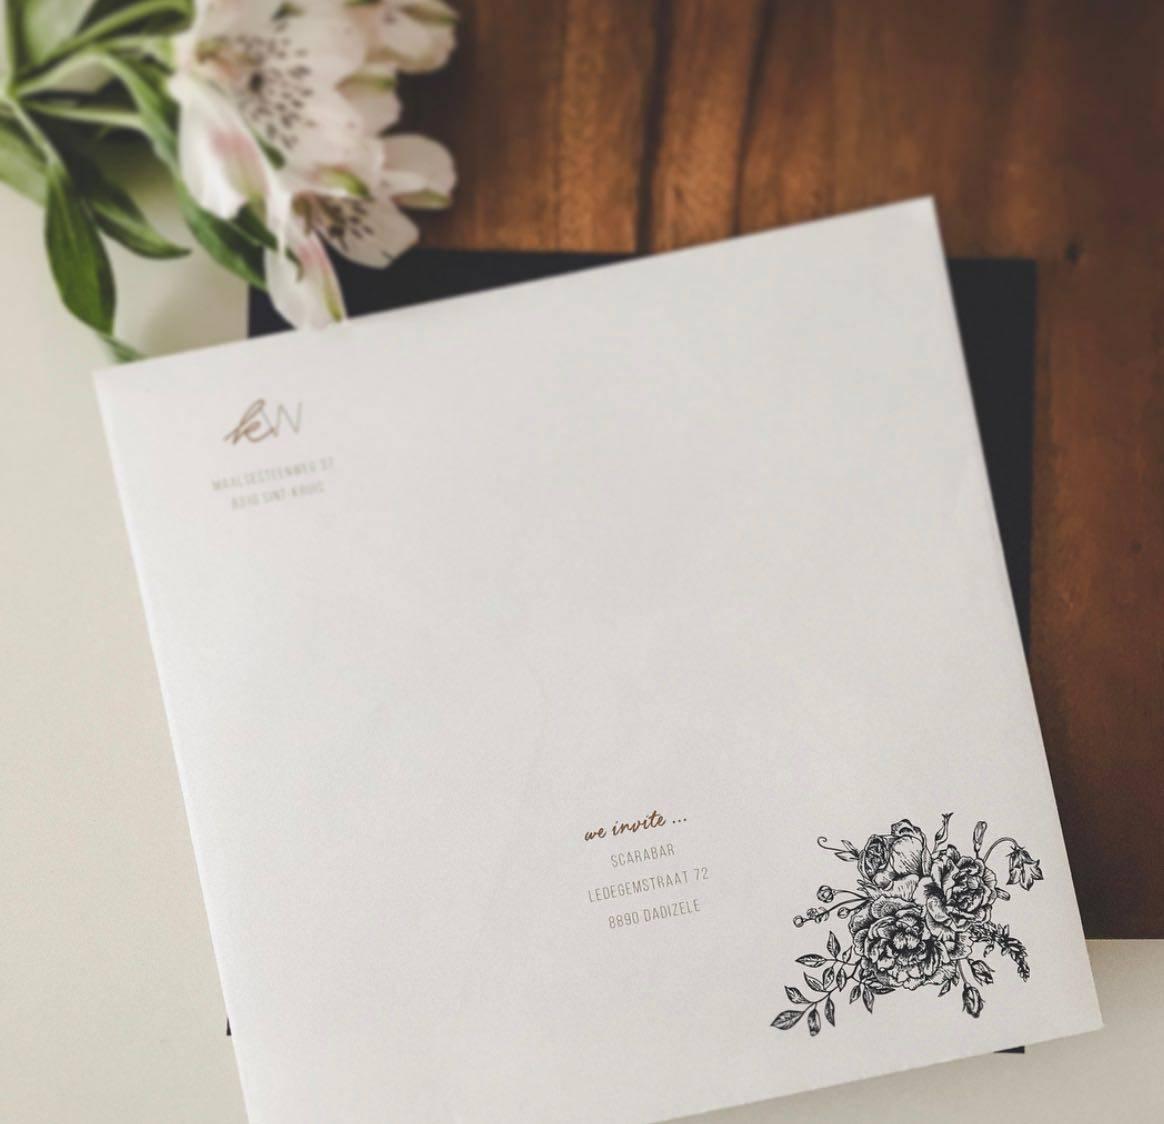 Scarabar - huwelijksuitnodigingen - grafisch ontwerp - House of Weddings  - 5